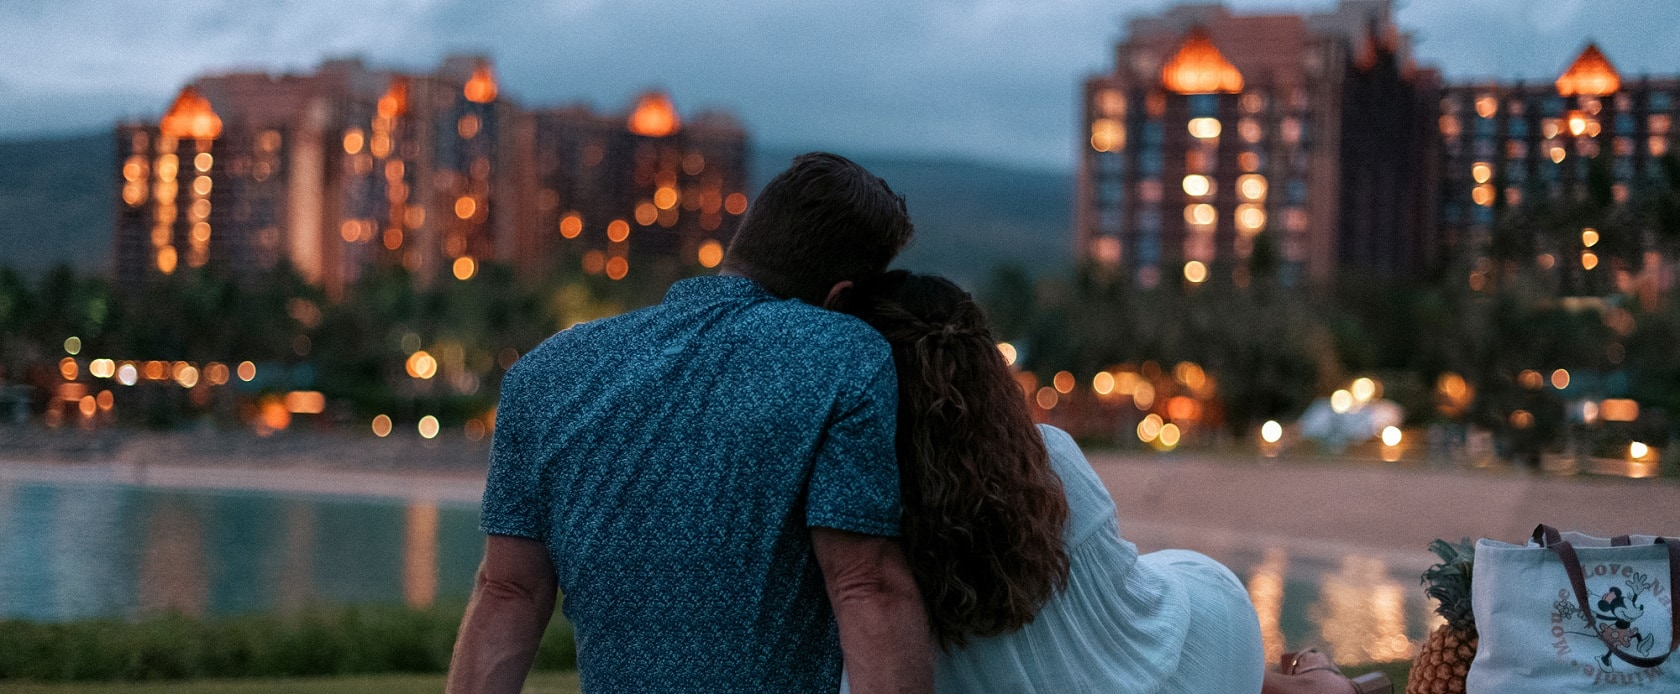 ハワイのアウラニ・リゾート・ディズニー・リゾート & スパを望む芝生の上で肩を寄せ合うカップル